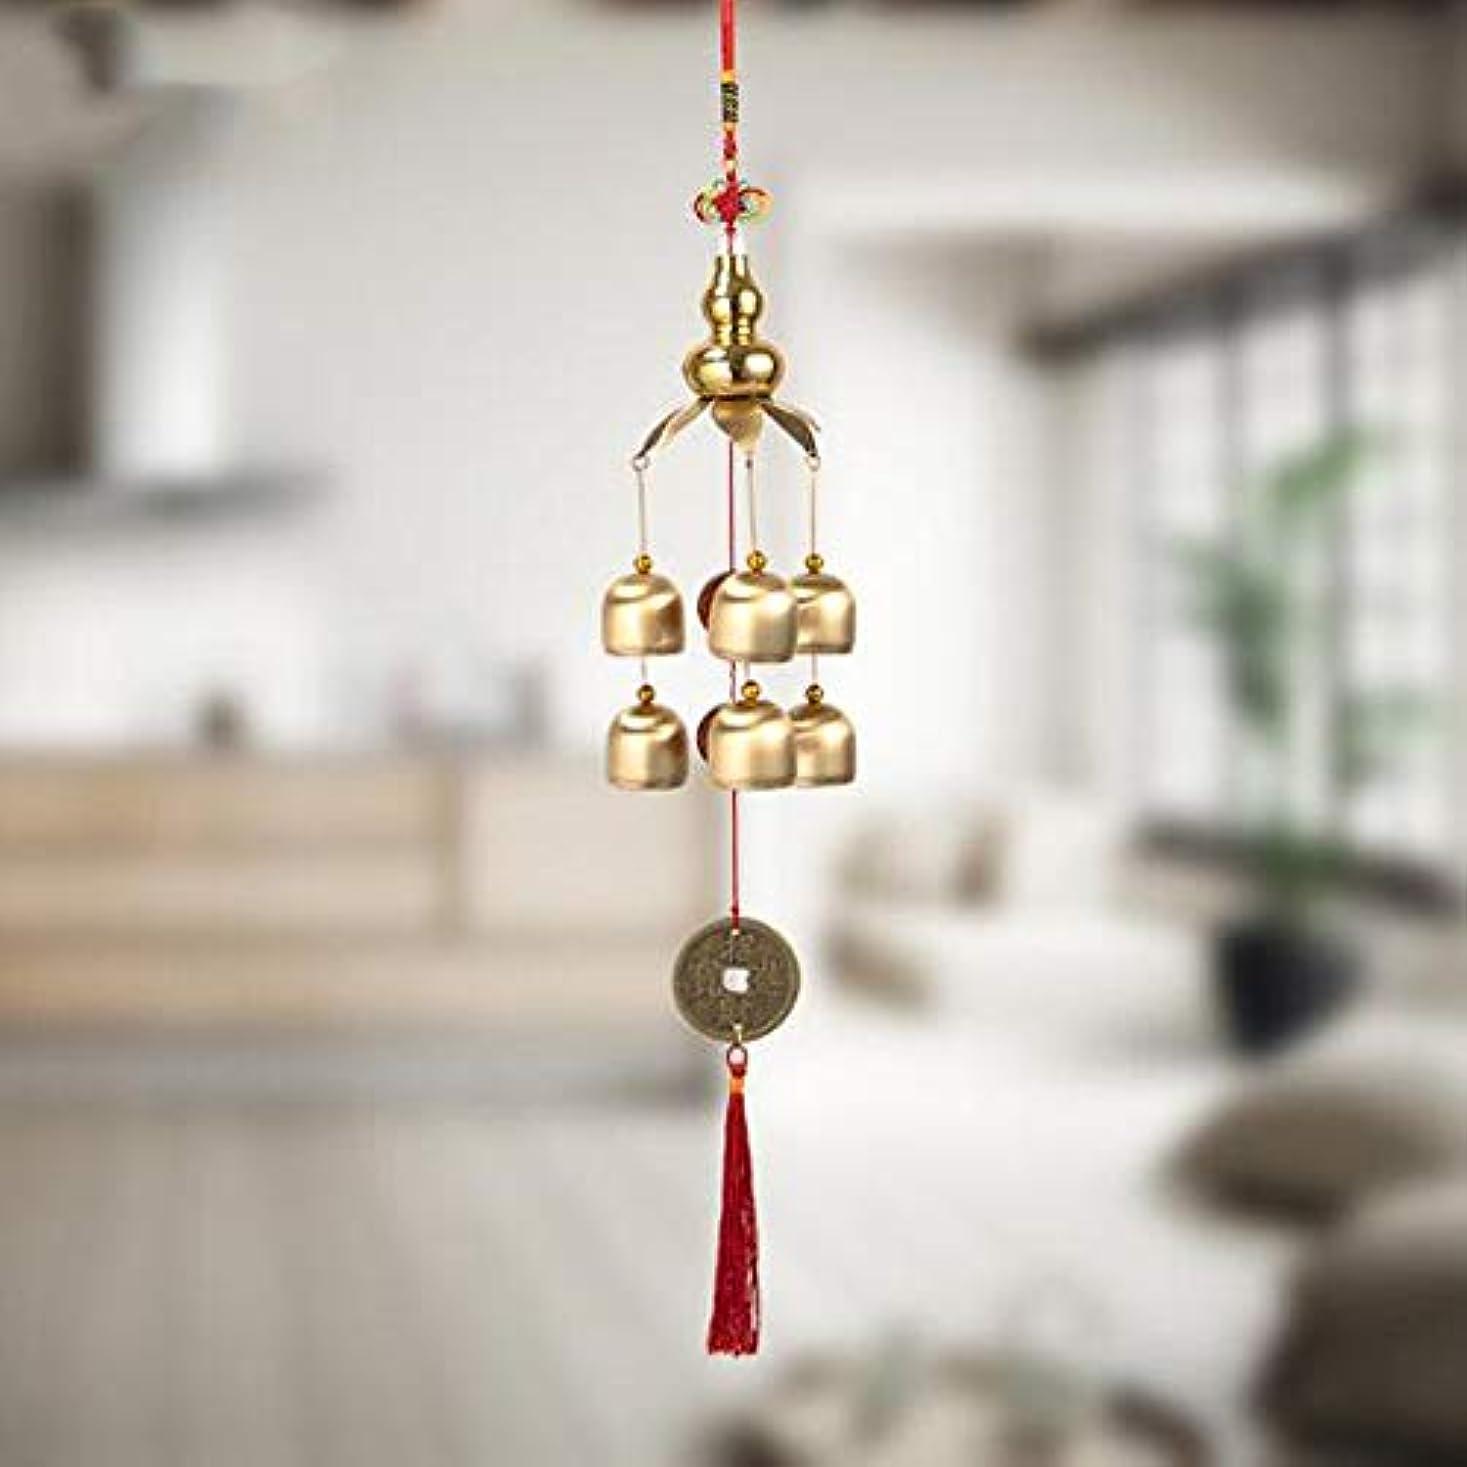 ホステル人物囲むJielongtongxun 風チャイム、クリエイティブ?銅ひょうたんホームデコレーション風チャイム、ゴールド、約45CMの長さの合計,絶妙な飾り (Color : B)